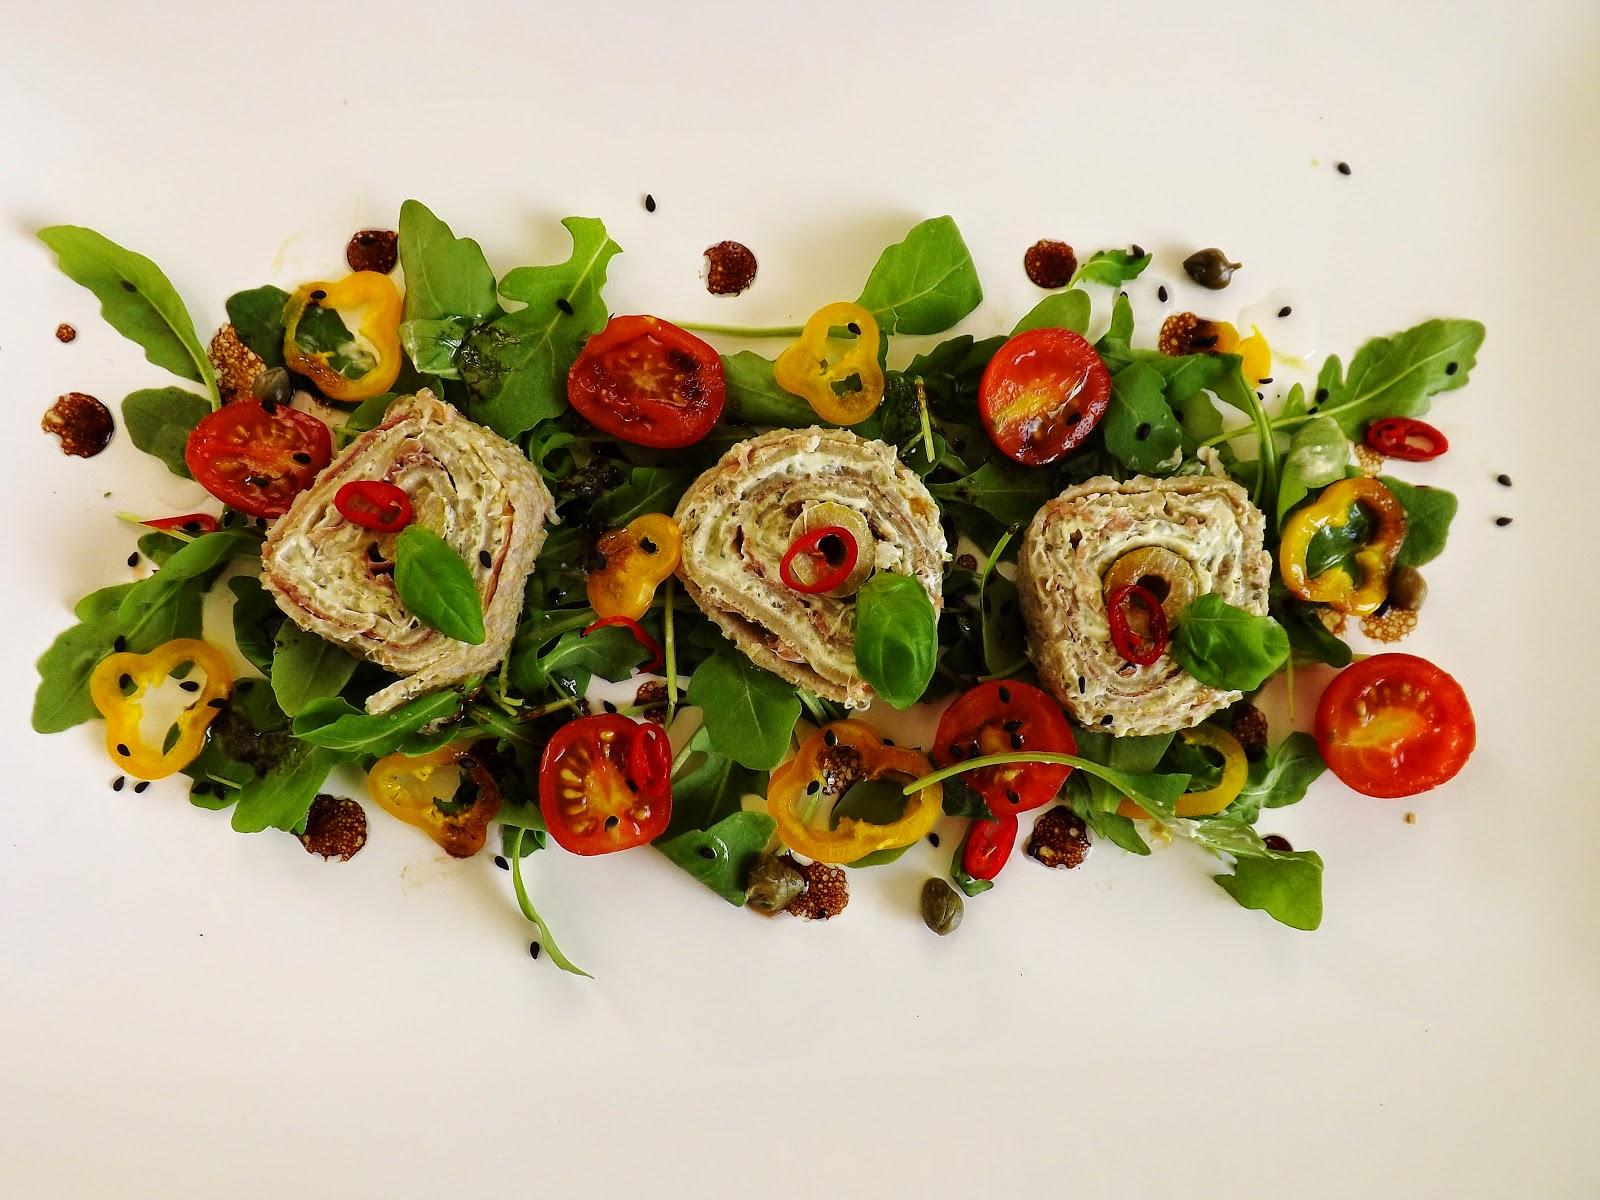 Ostra sałatka z naleśnikową roladą z serka kremowego, szynki i oliwek